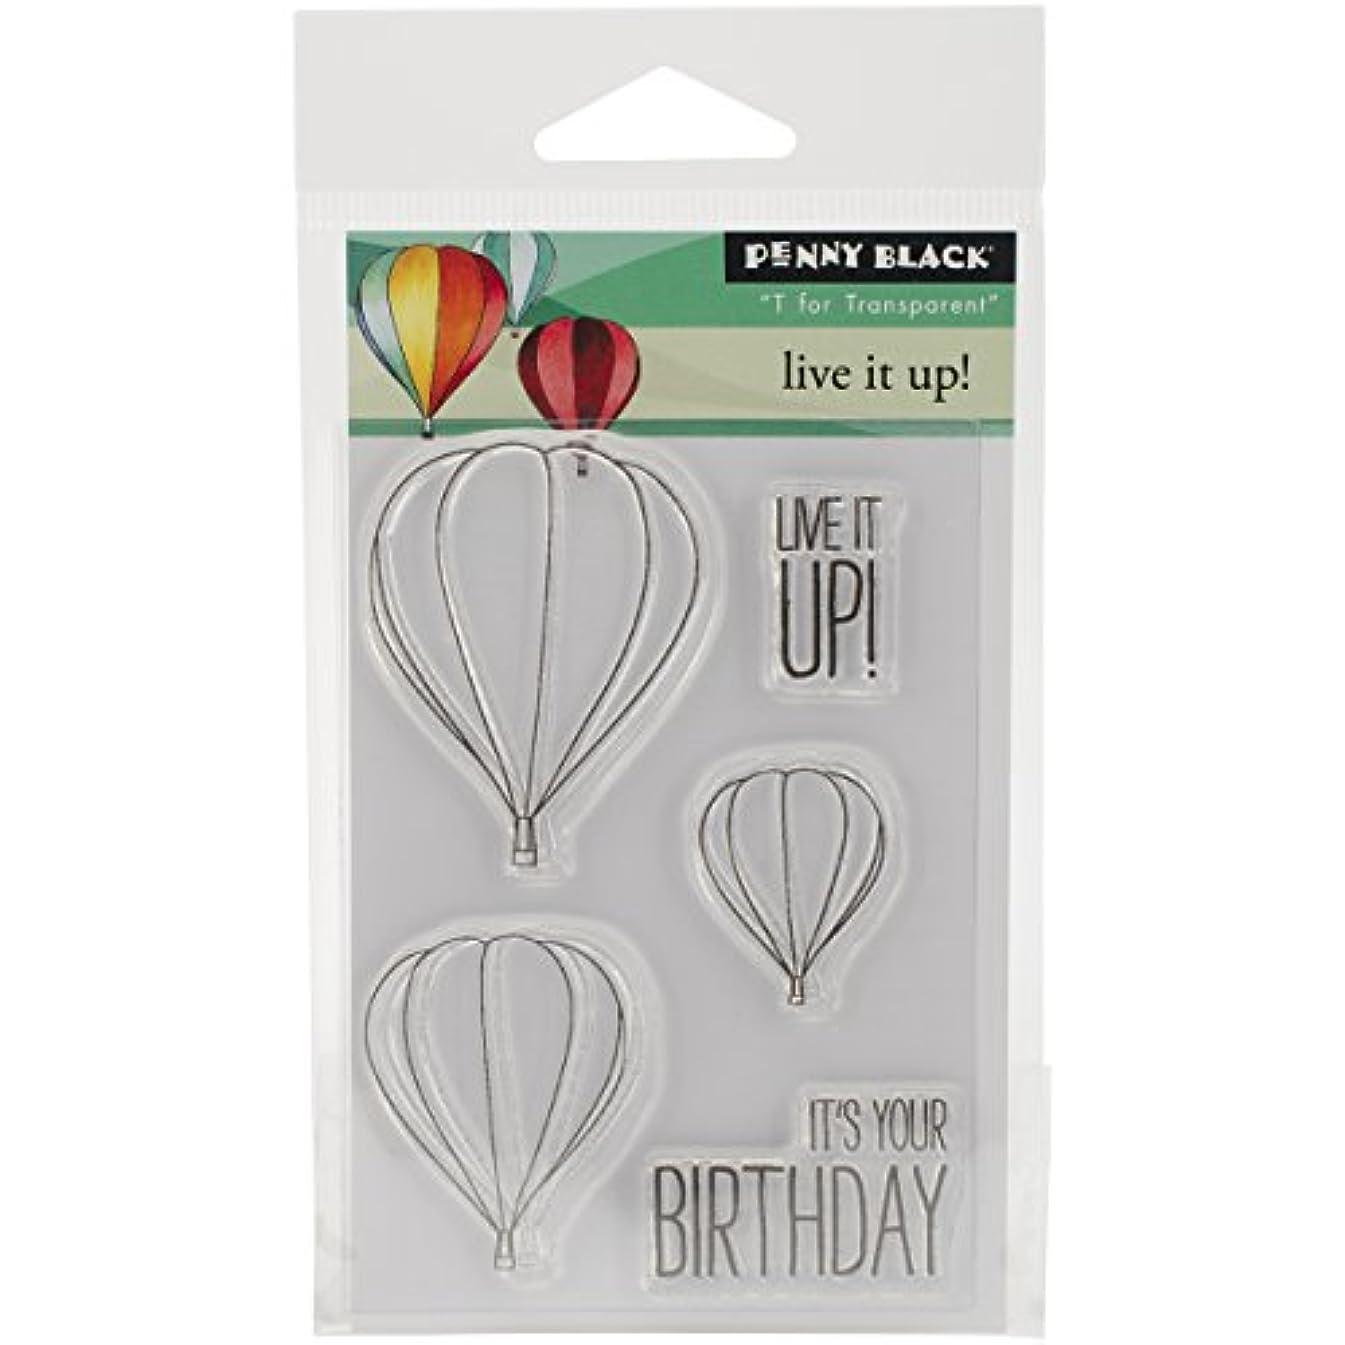 Penny Black 30-289 Live It Up Transparent Stamp Set